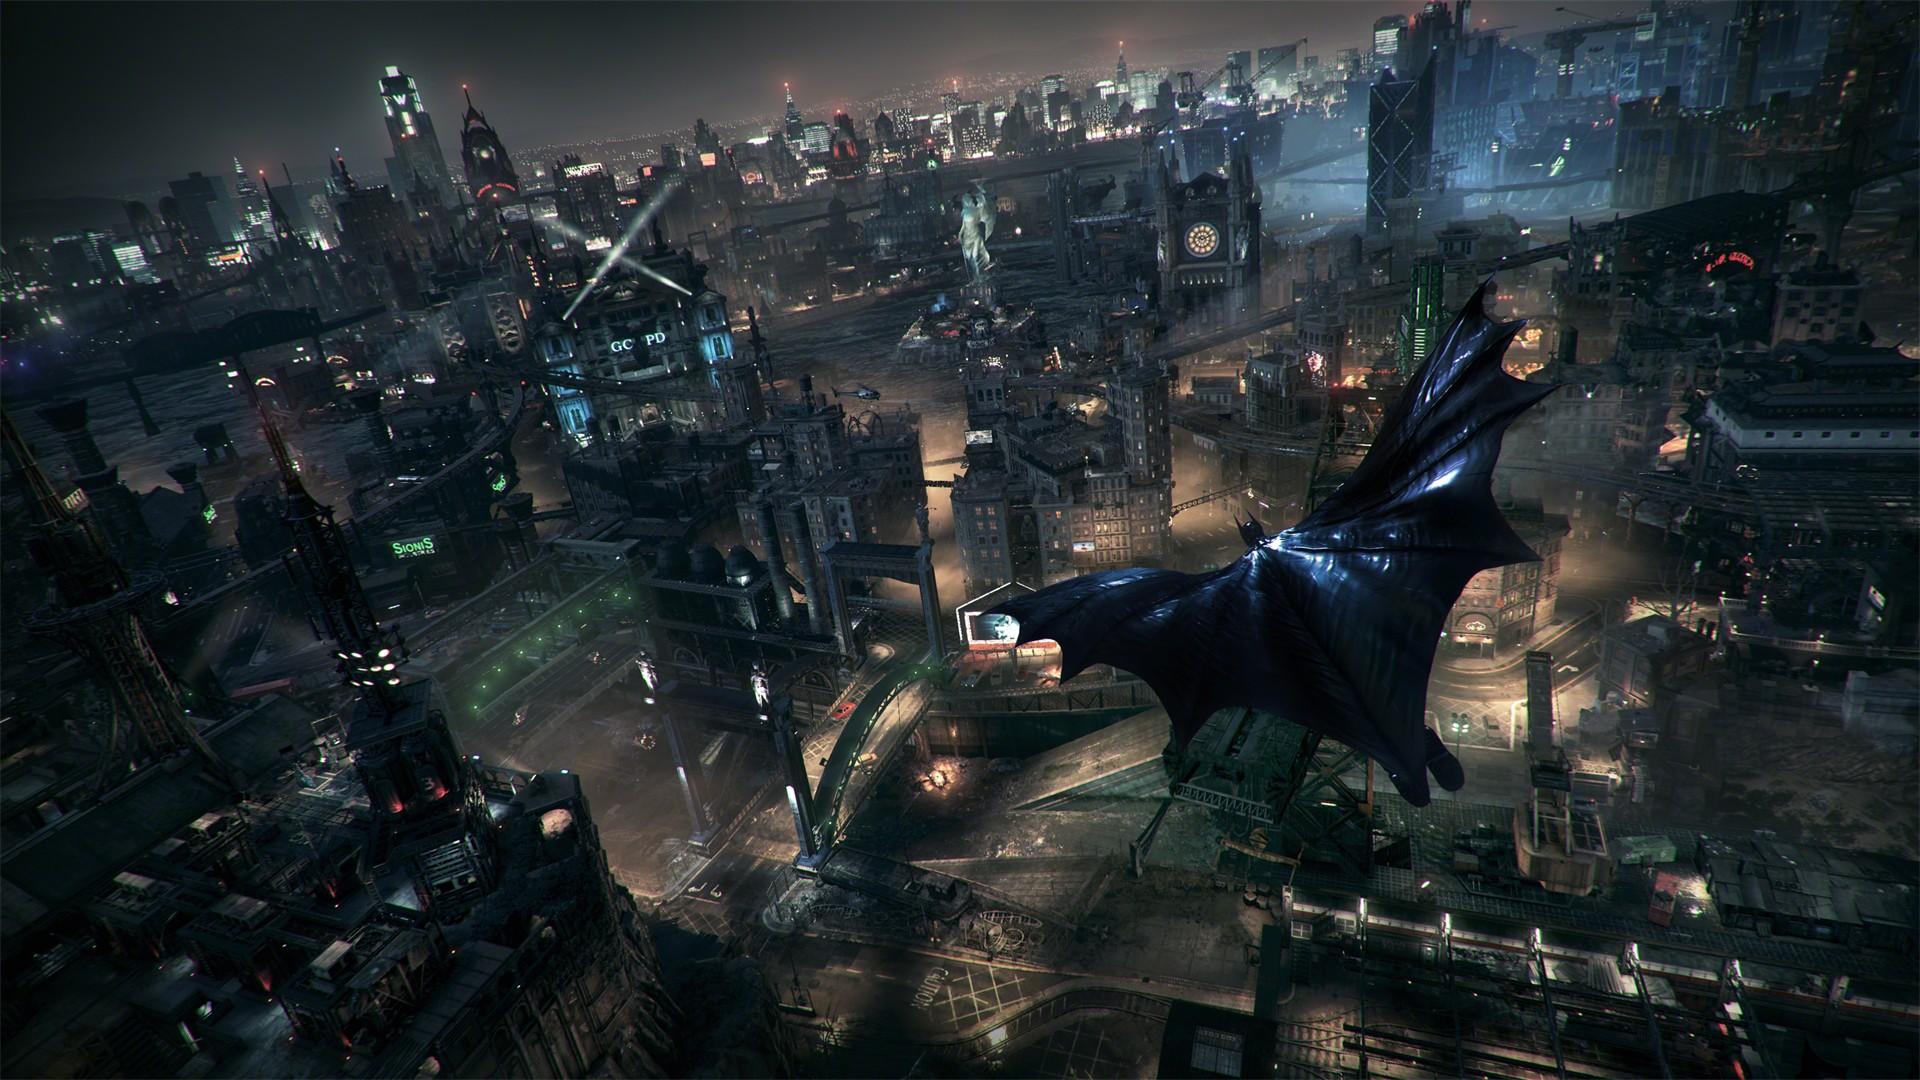 ゲームソフト バットマン アーカム ナイト プレイステーション